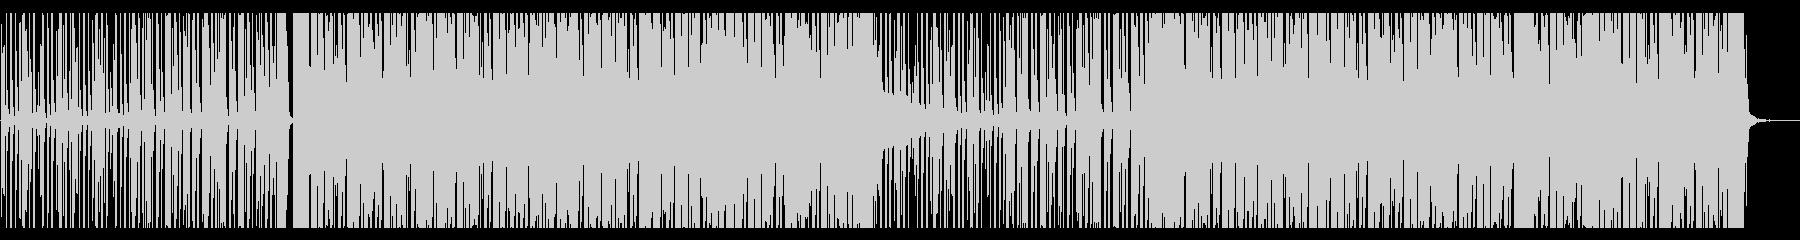 流れ星のようなBGMの未再生の波形